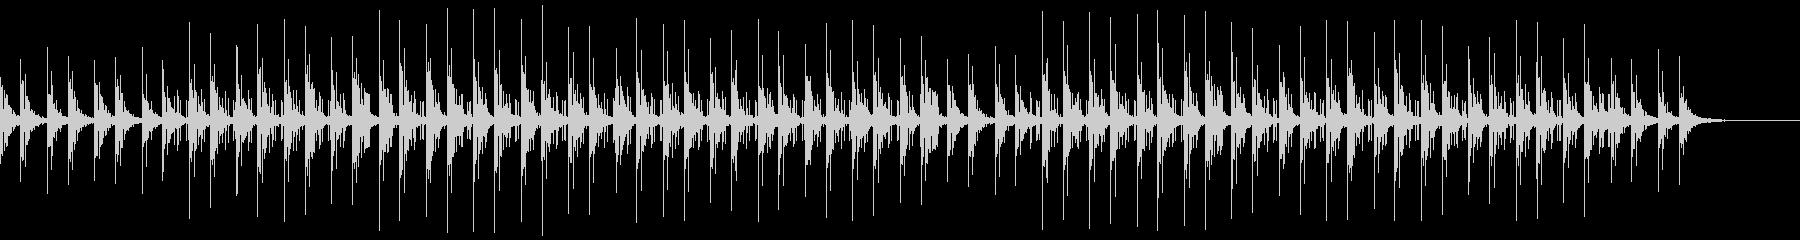 浮遊感のあるアンビエントミュージックの未再生の波形